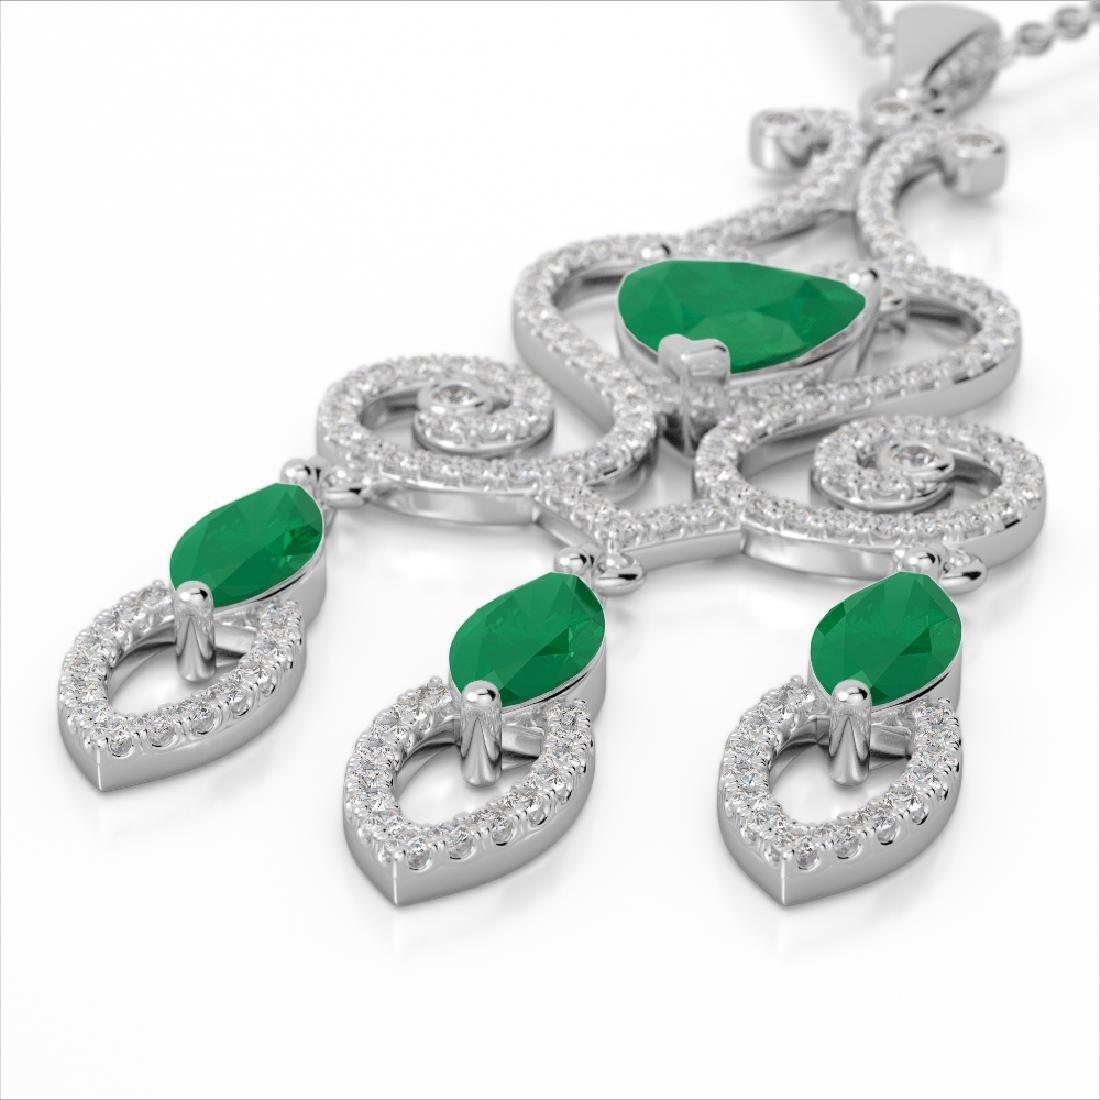 5.50 CTW Emerald & Micro Pave VS/SI Diamond Heart